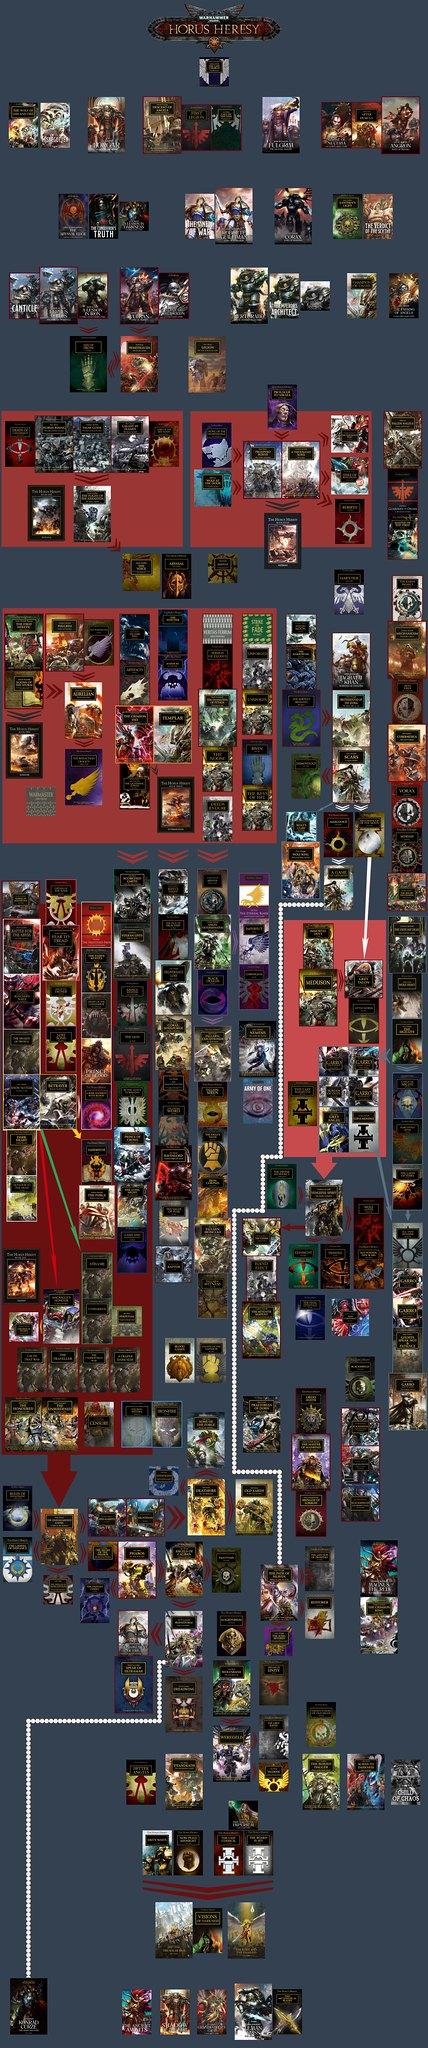 Хронологический порядок чтения всех произведений серии «Ересь Хоруса»